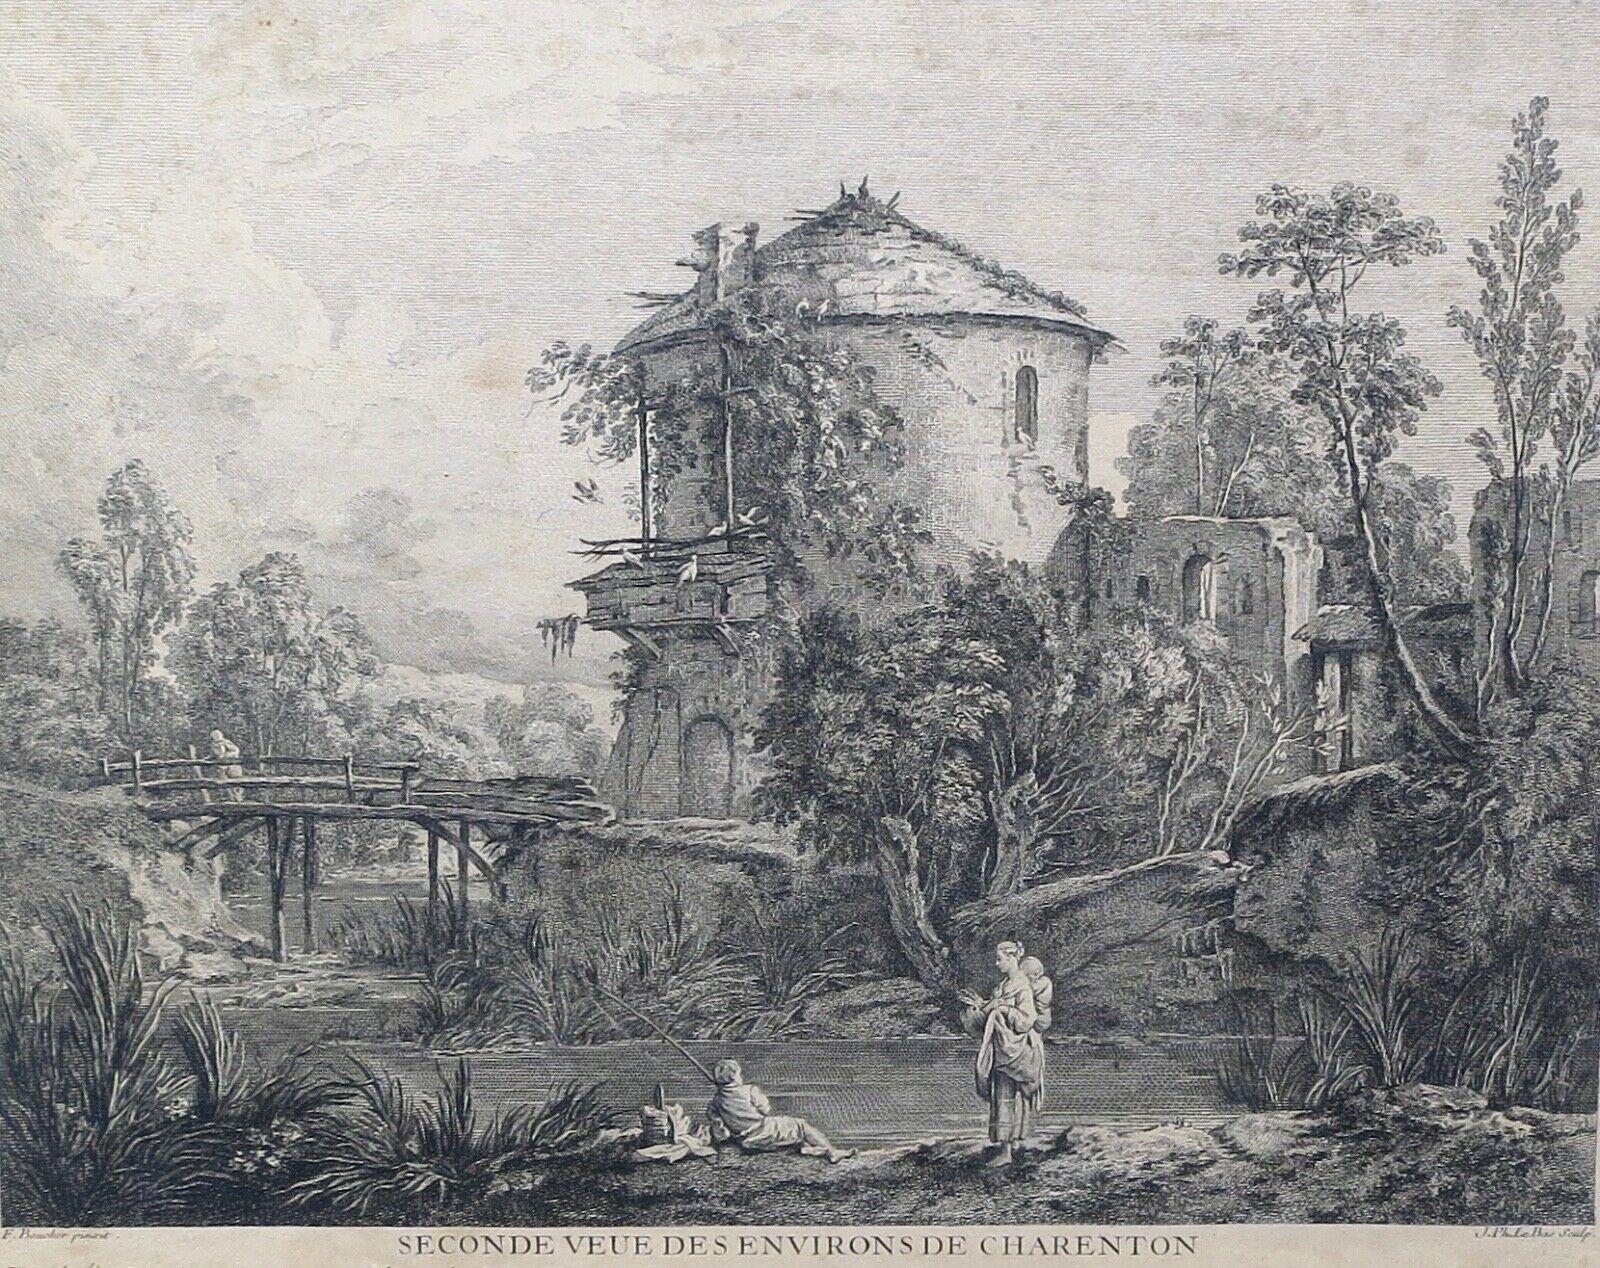 1747 Seconde Veue de Charenton, Eau-forte-de-J-P-Le-Bas